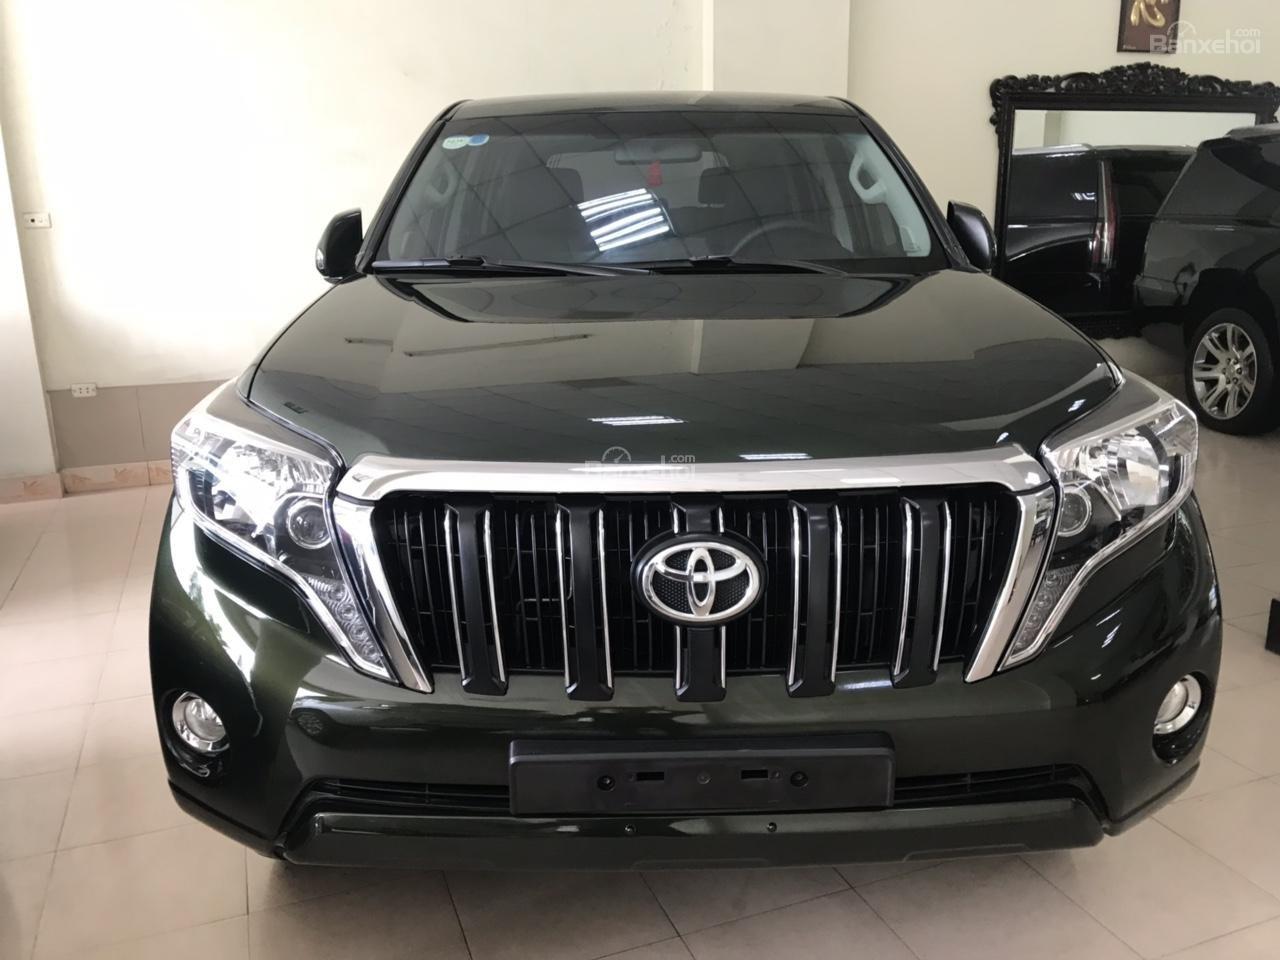 Cần bán Toyota Prado - TXL - 2016, biển thành phố, xe đẹp như mơ, hỗ trợ vay ngân hàng, liên hệ Mr Trung-0988599025-0